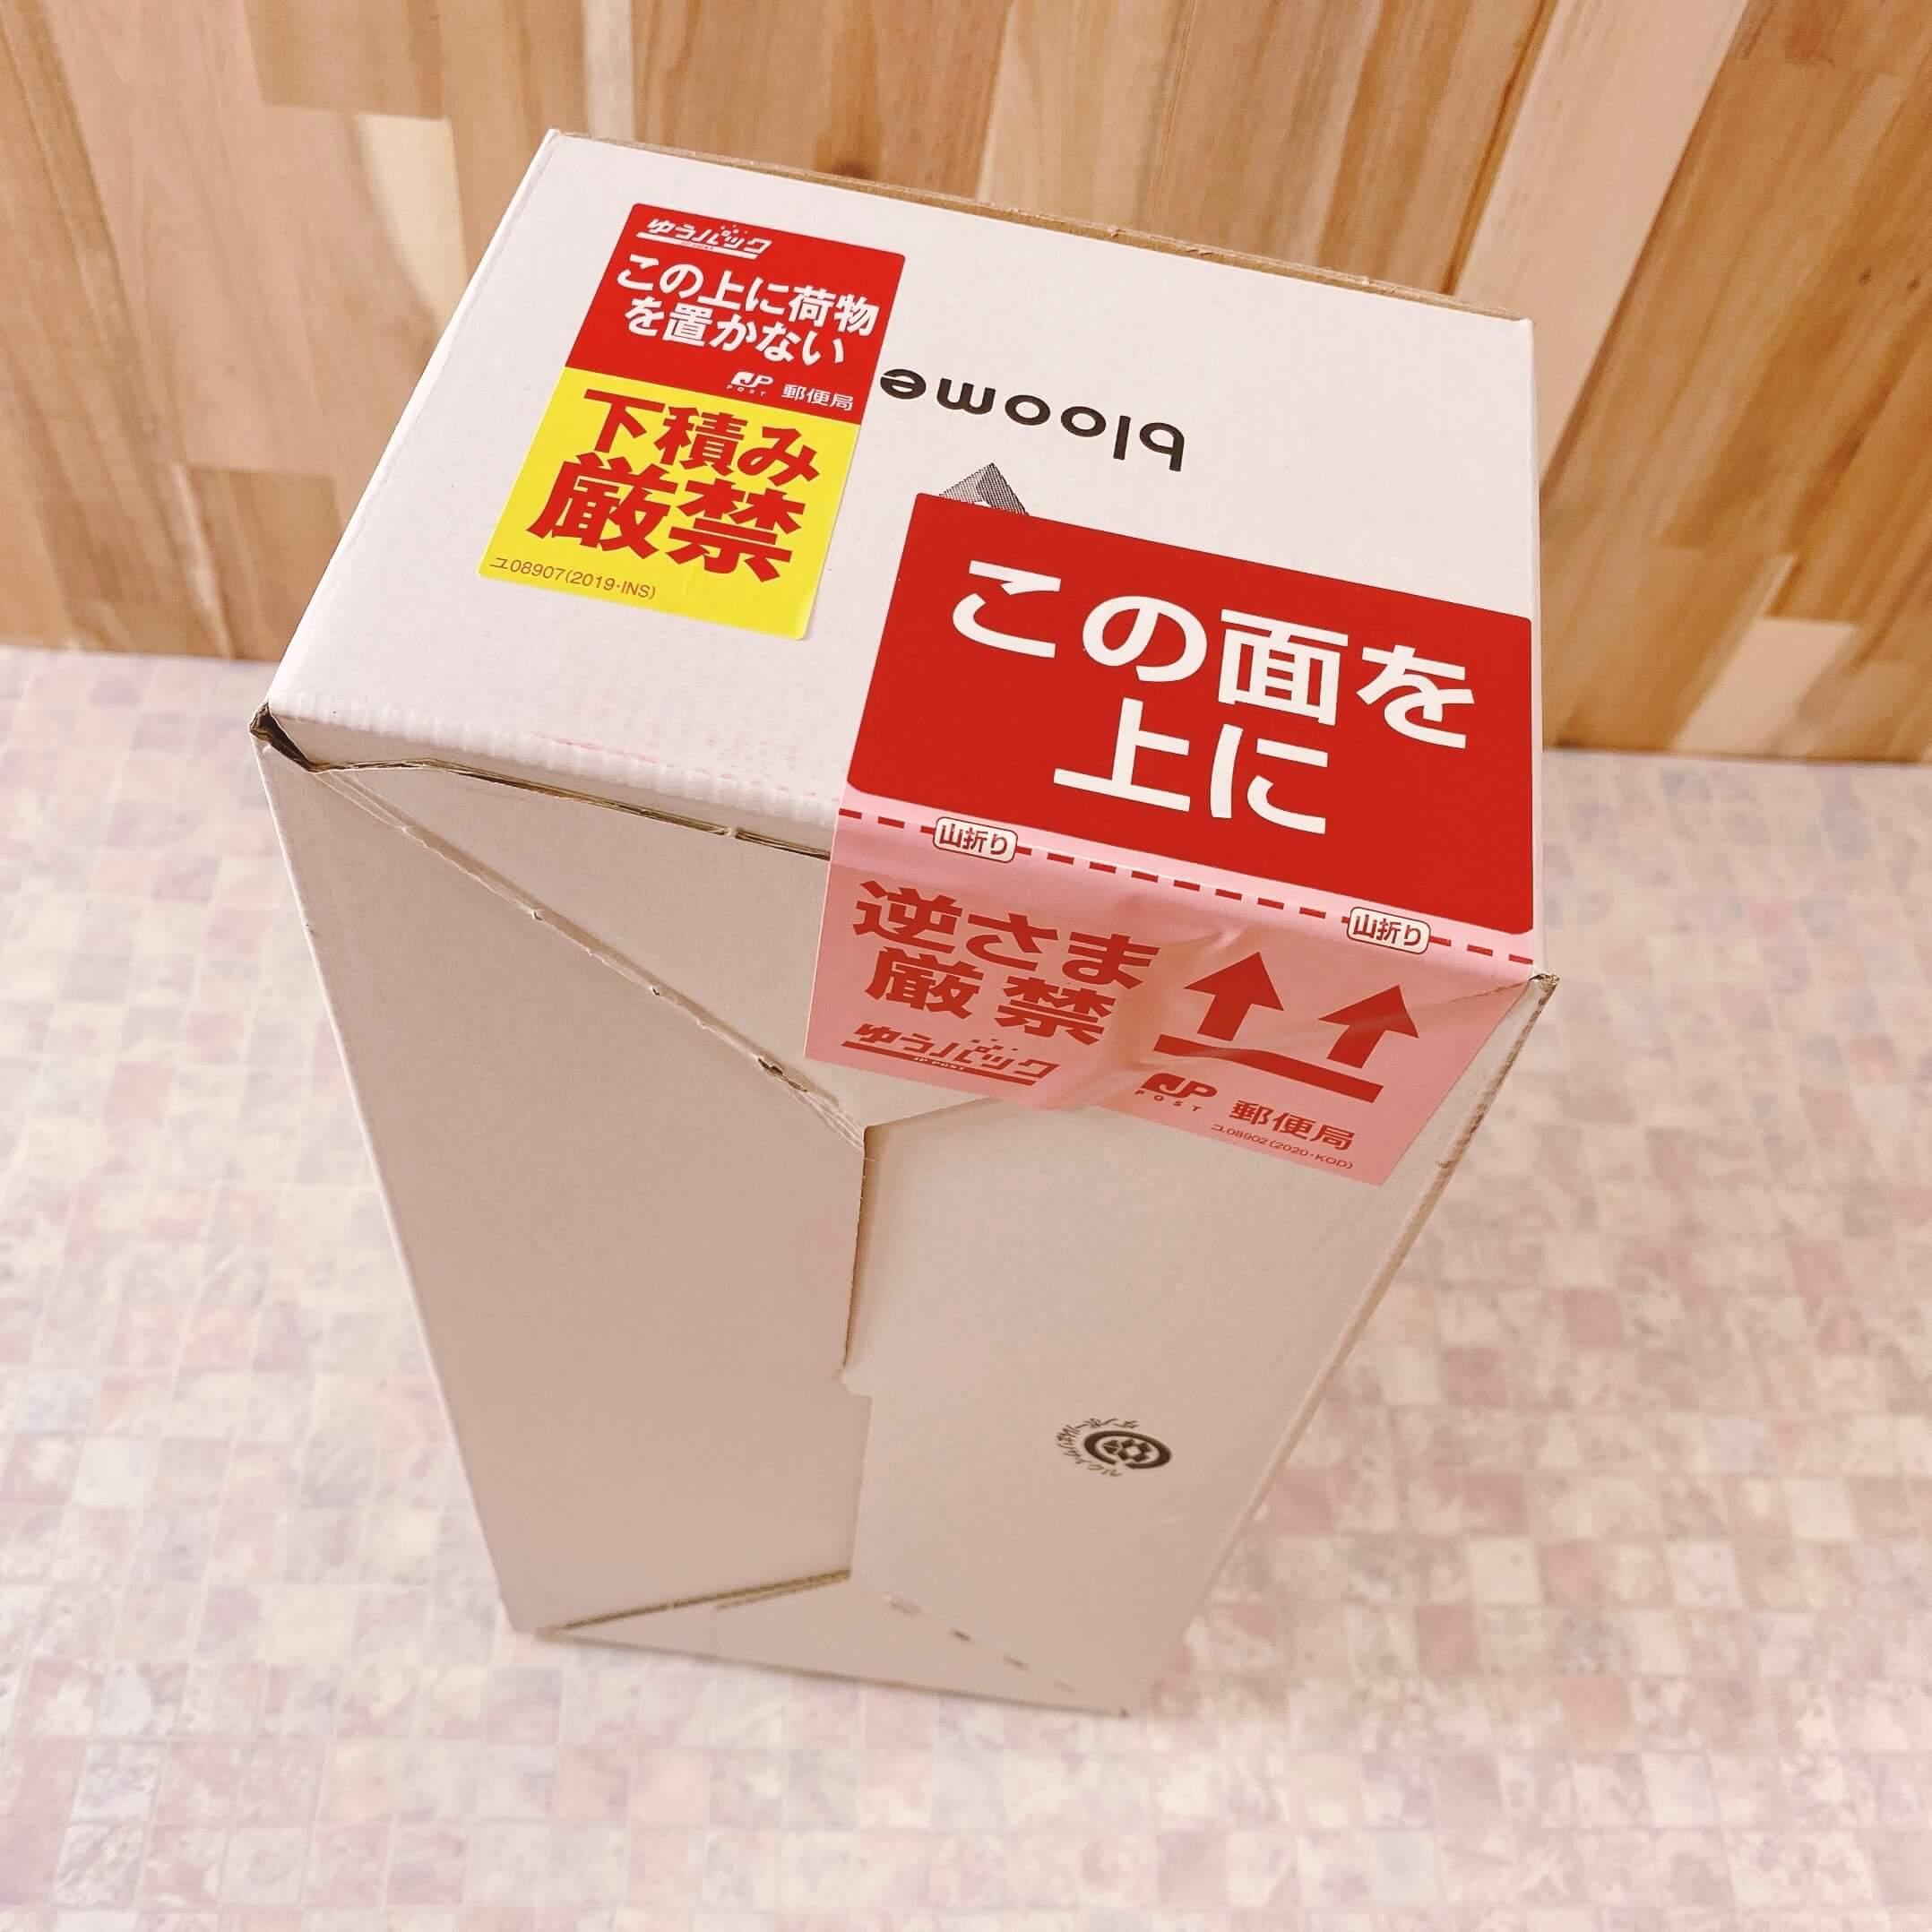 ブルーミーリッチプランのボックス